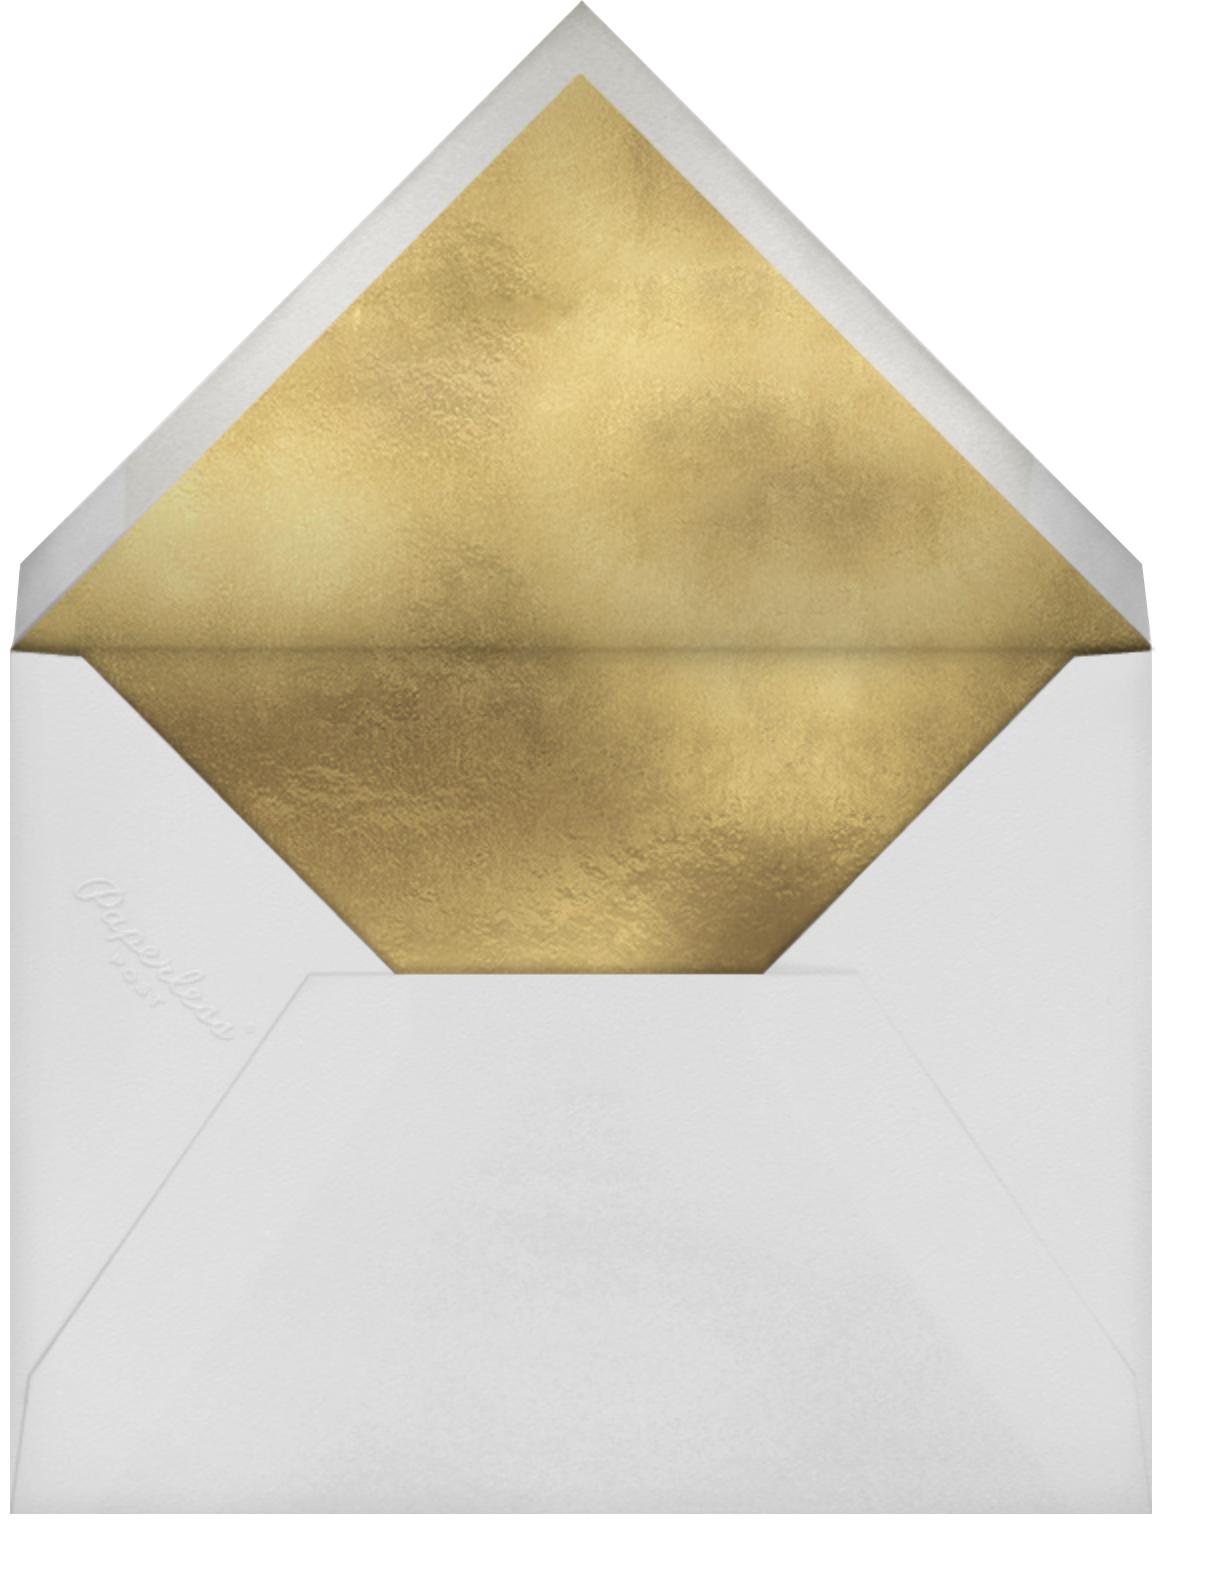 Wildwood Border - Rifle Paper Co. - Brunch - envelope back